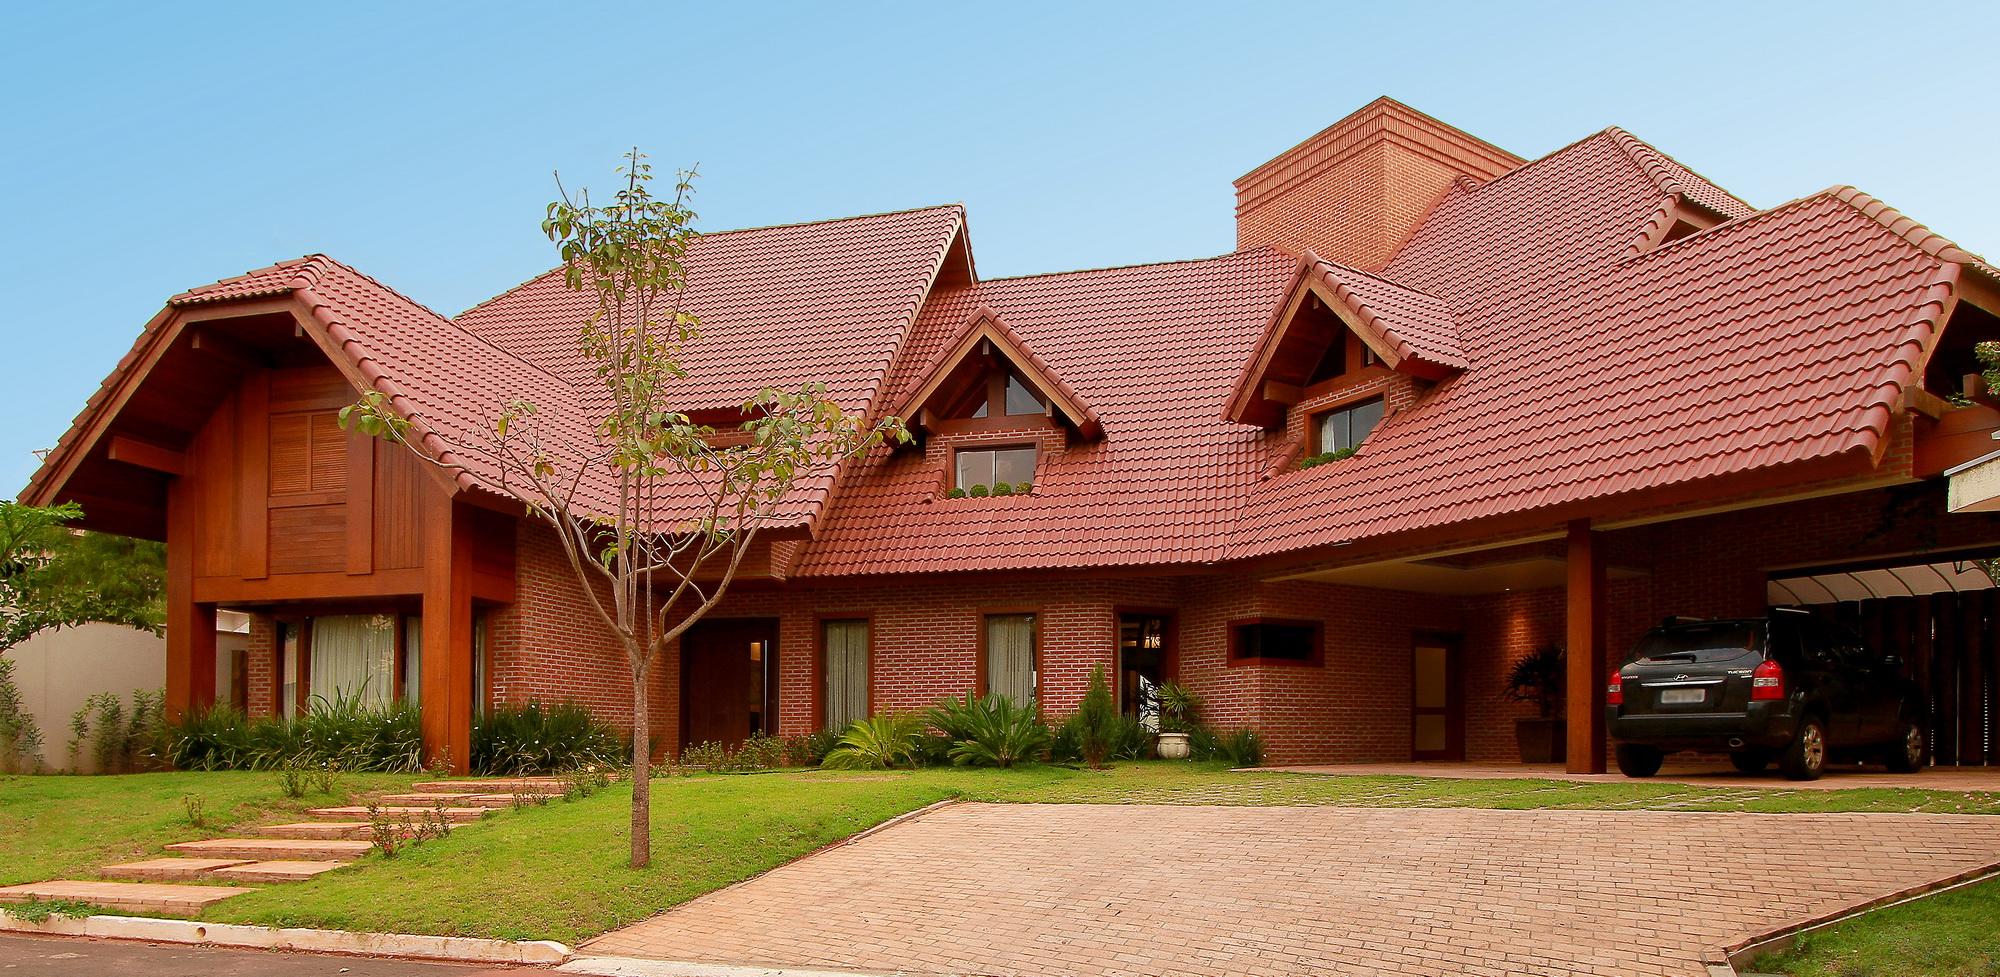 Delmondes Arquitetura & Interiores